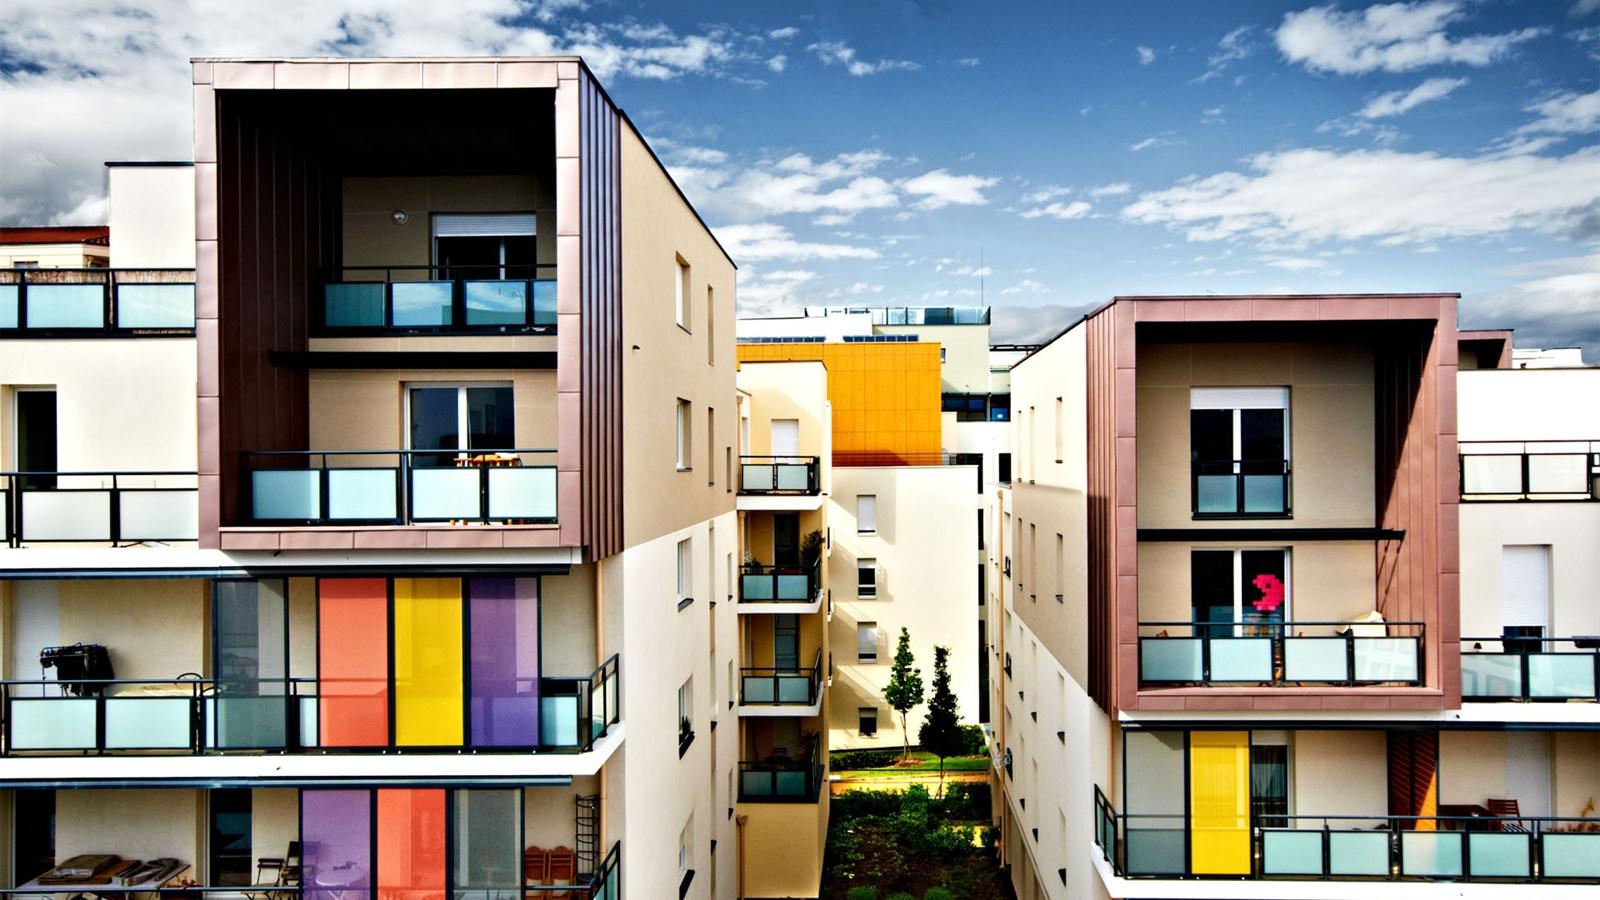 Francia lyon casas arquitectura ciudad fondos de - Arquitectura lyon ...